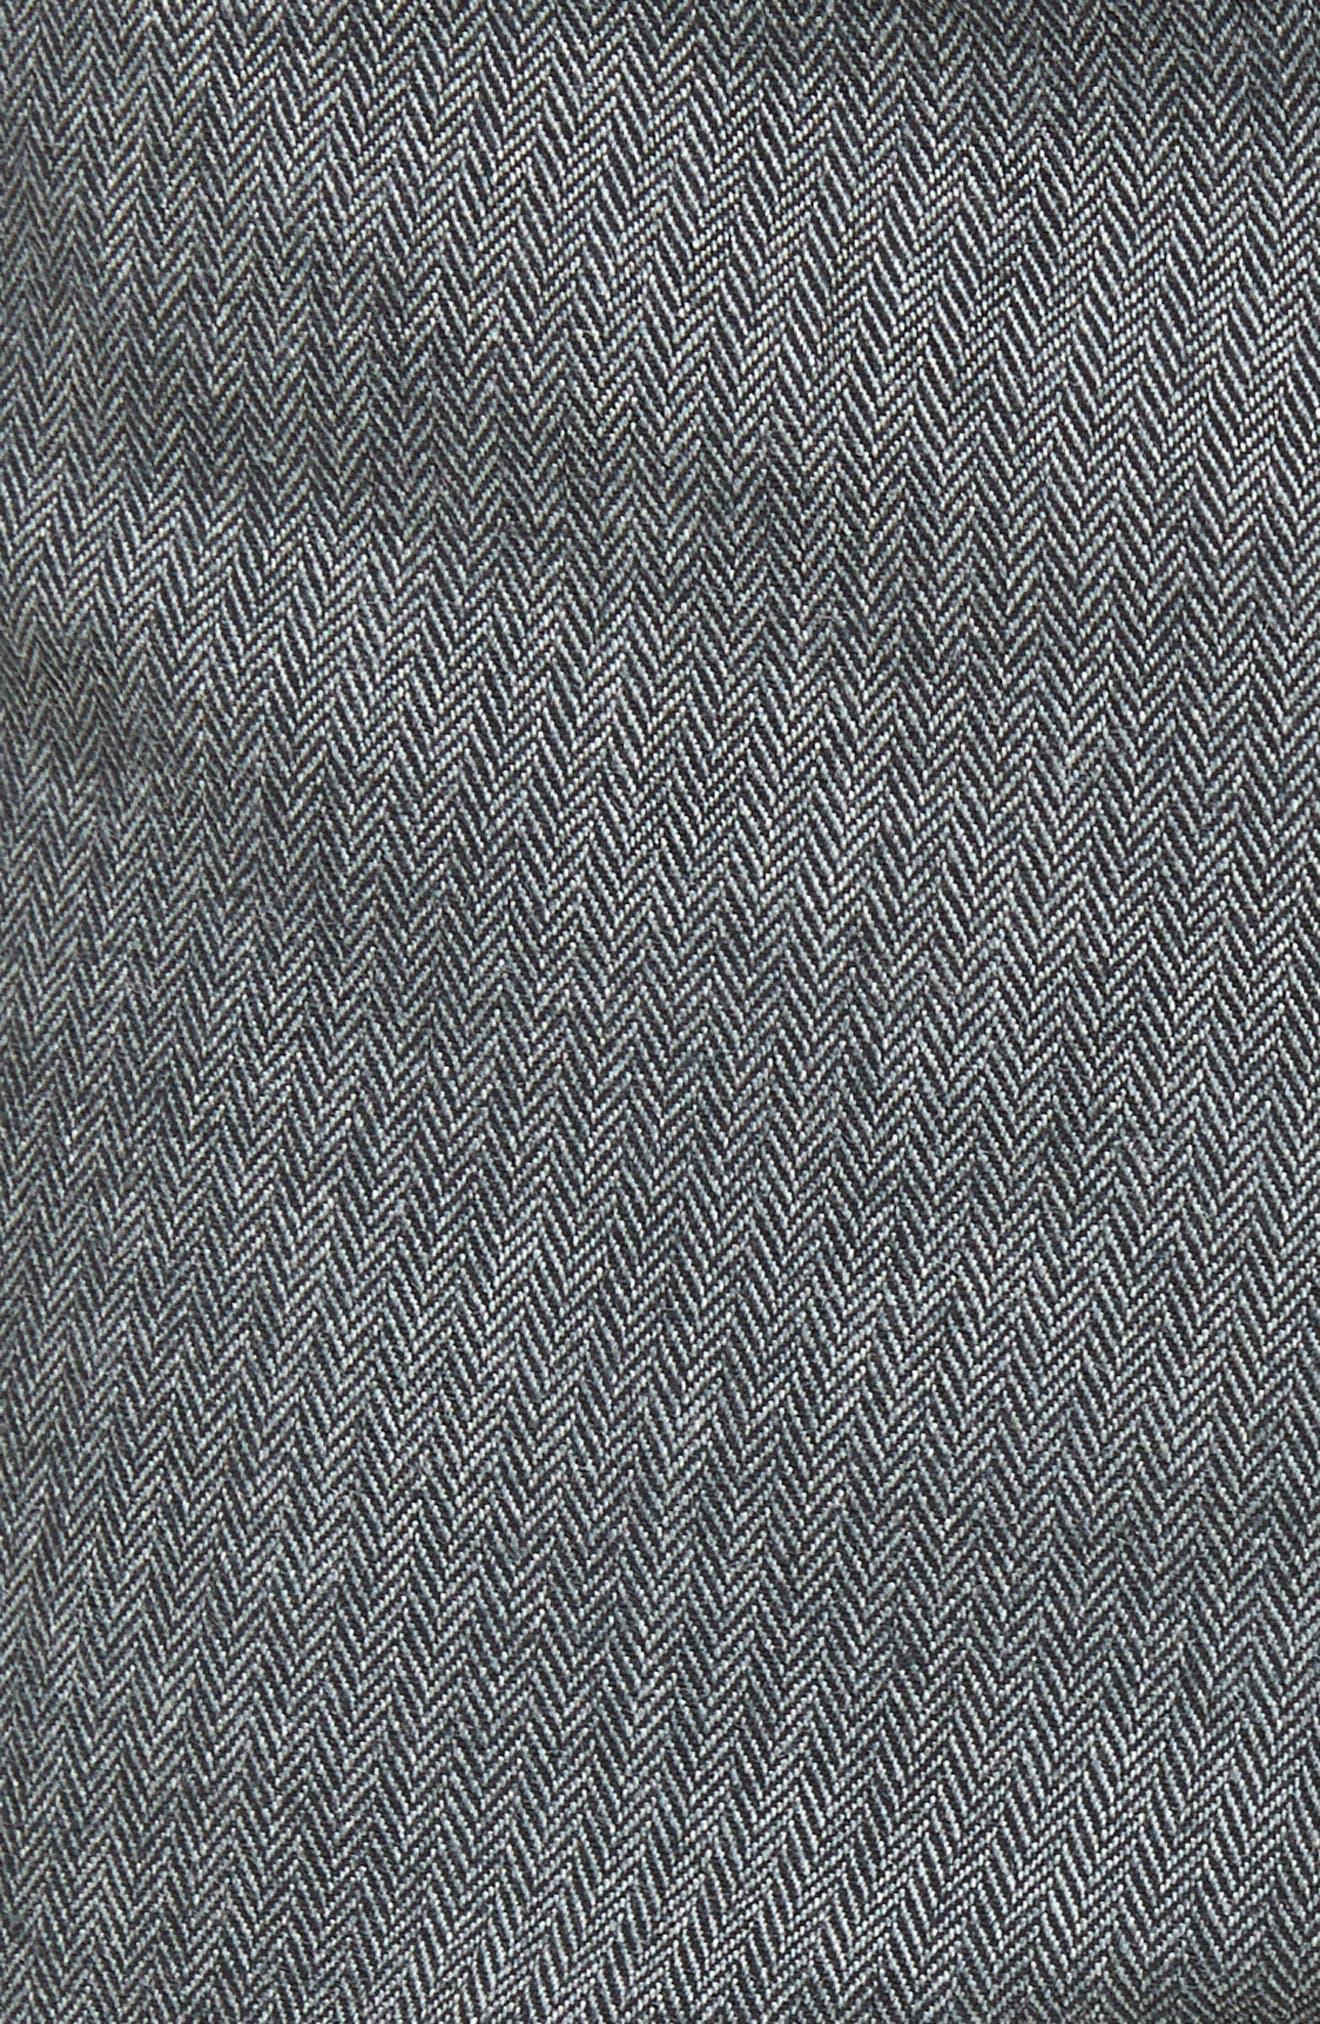 Delaware Slim Herringbone Five-Pocket Pants,                             Alternate thumbnail 5, color,                             050